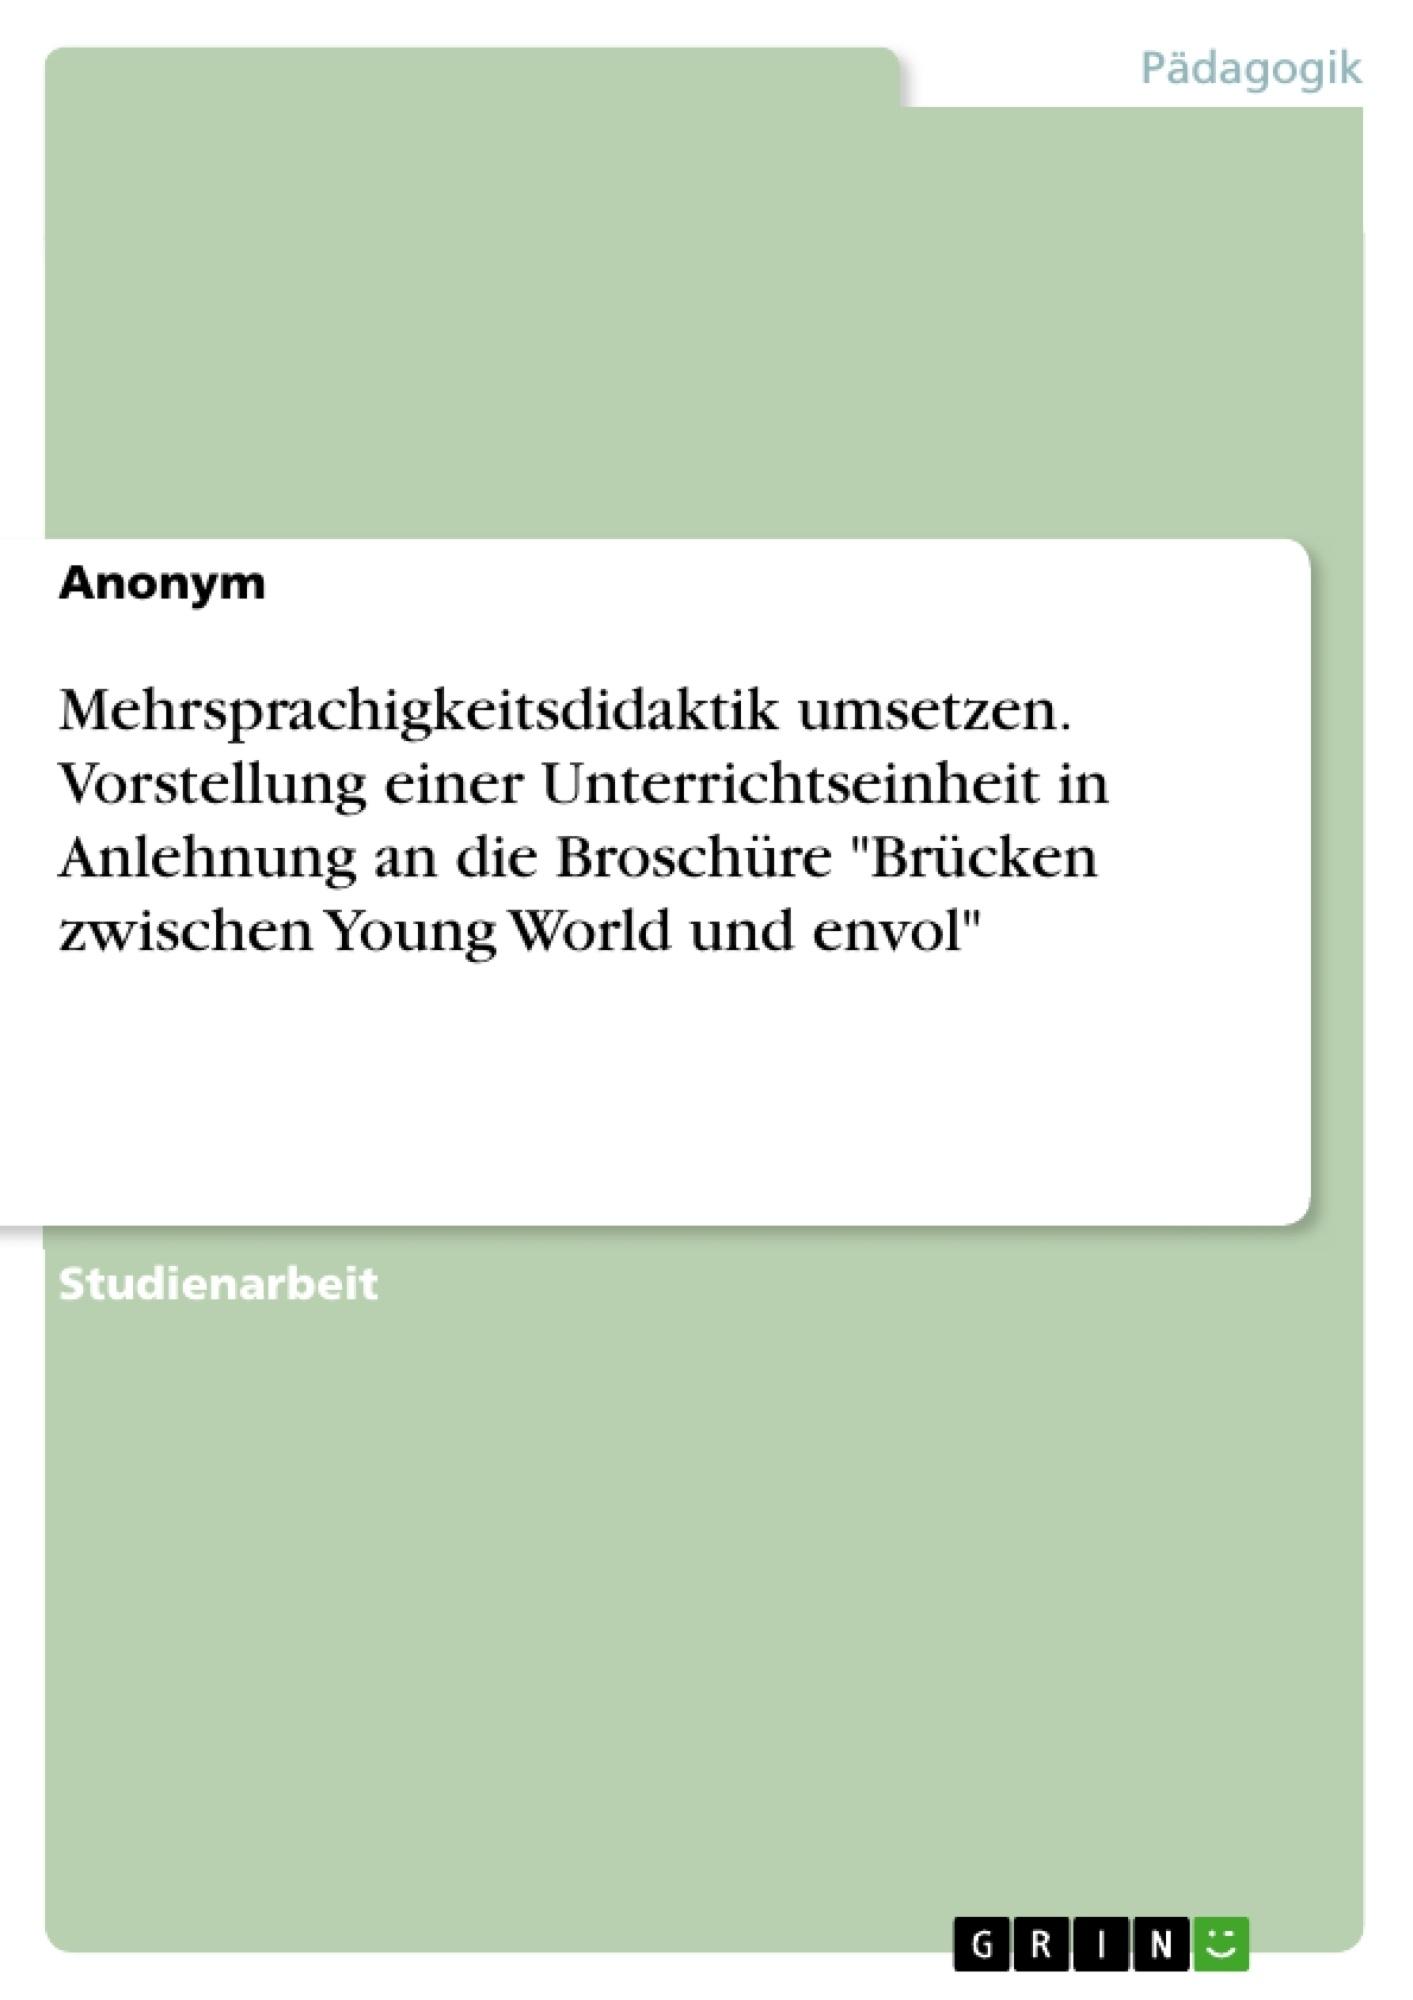 """Titel: Mehrsprachigkeitsdidaktik umsetzen. Vorstellung einer Unterrichtseinheit in Anlehnung an die Broschüre """"Brücken zwischen Young World und envol"""""""